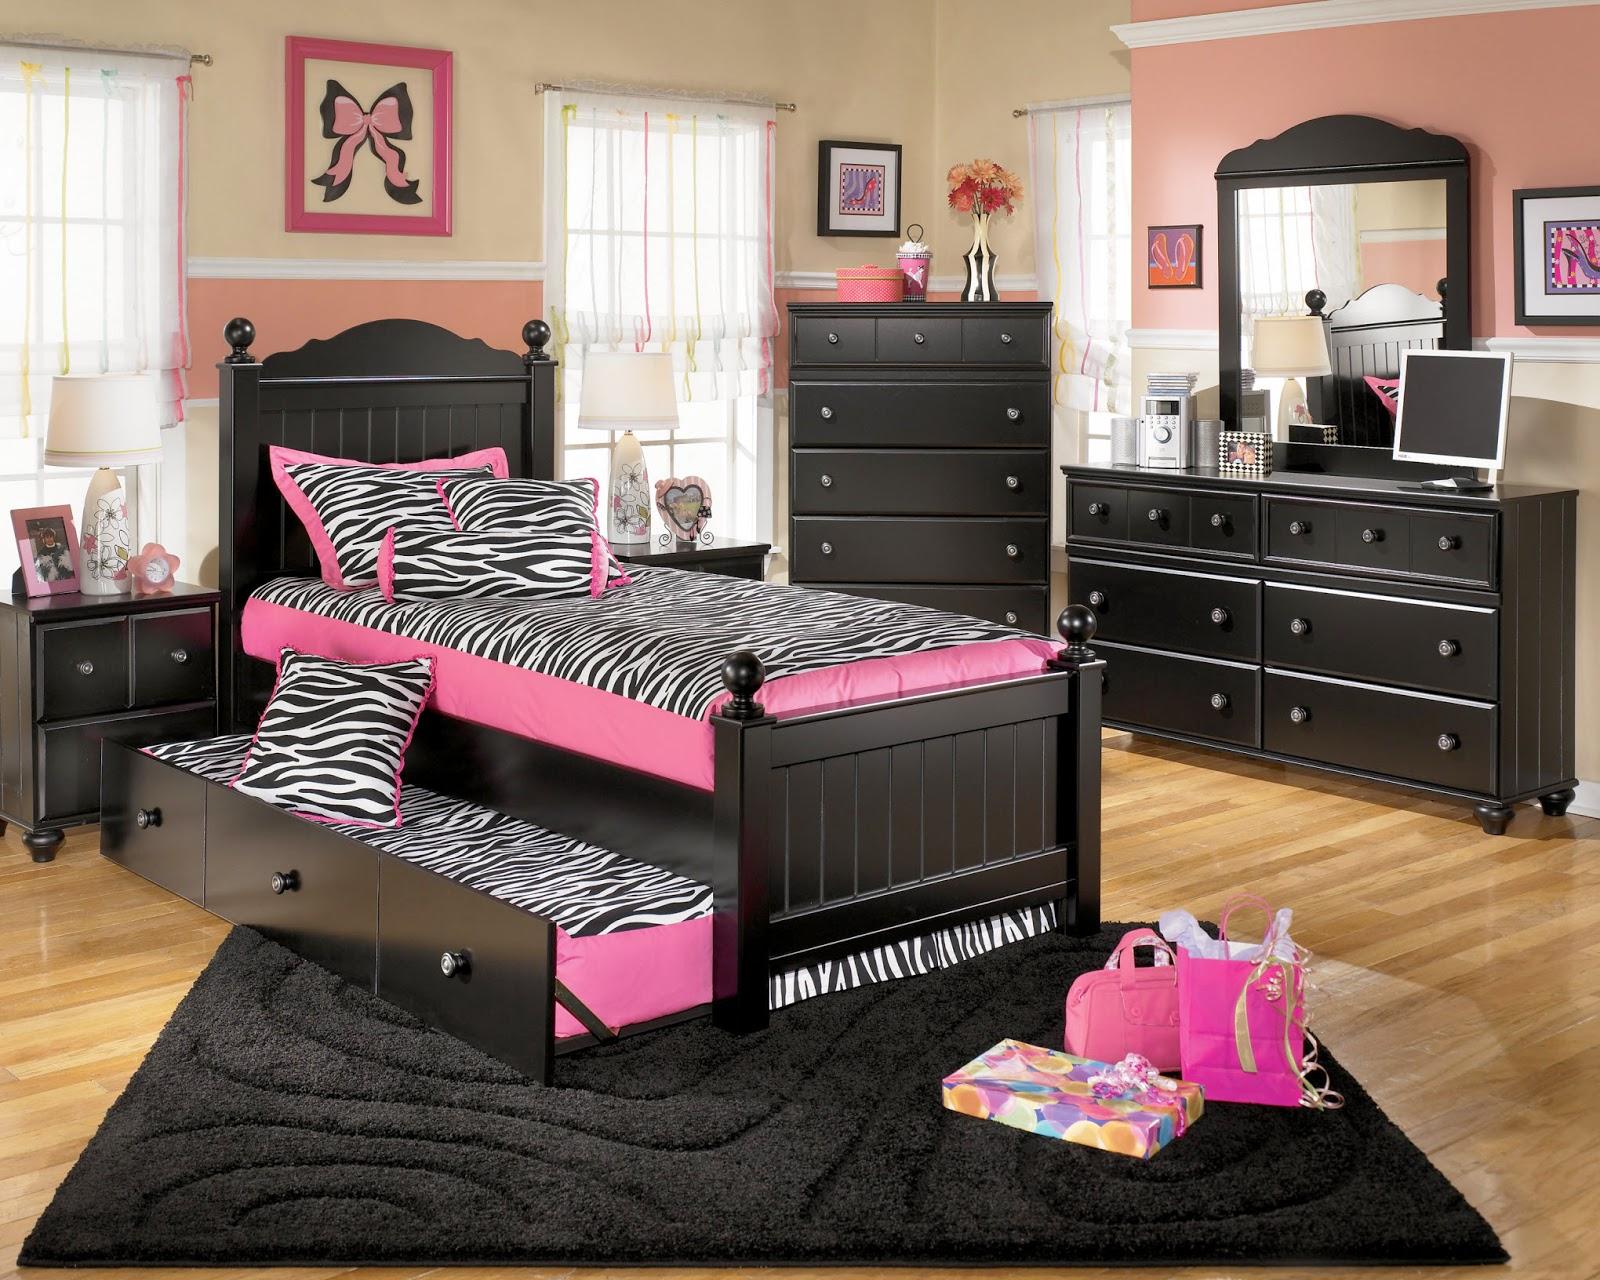 Kids Bedroom Furniture Girlsamazing kid beds charming amazing bunk beds on bedroom with  . Bedroom Sets For Girls. Home Design Ideas